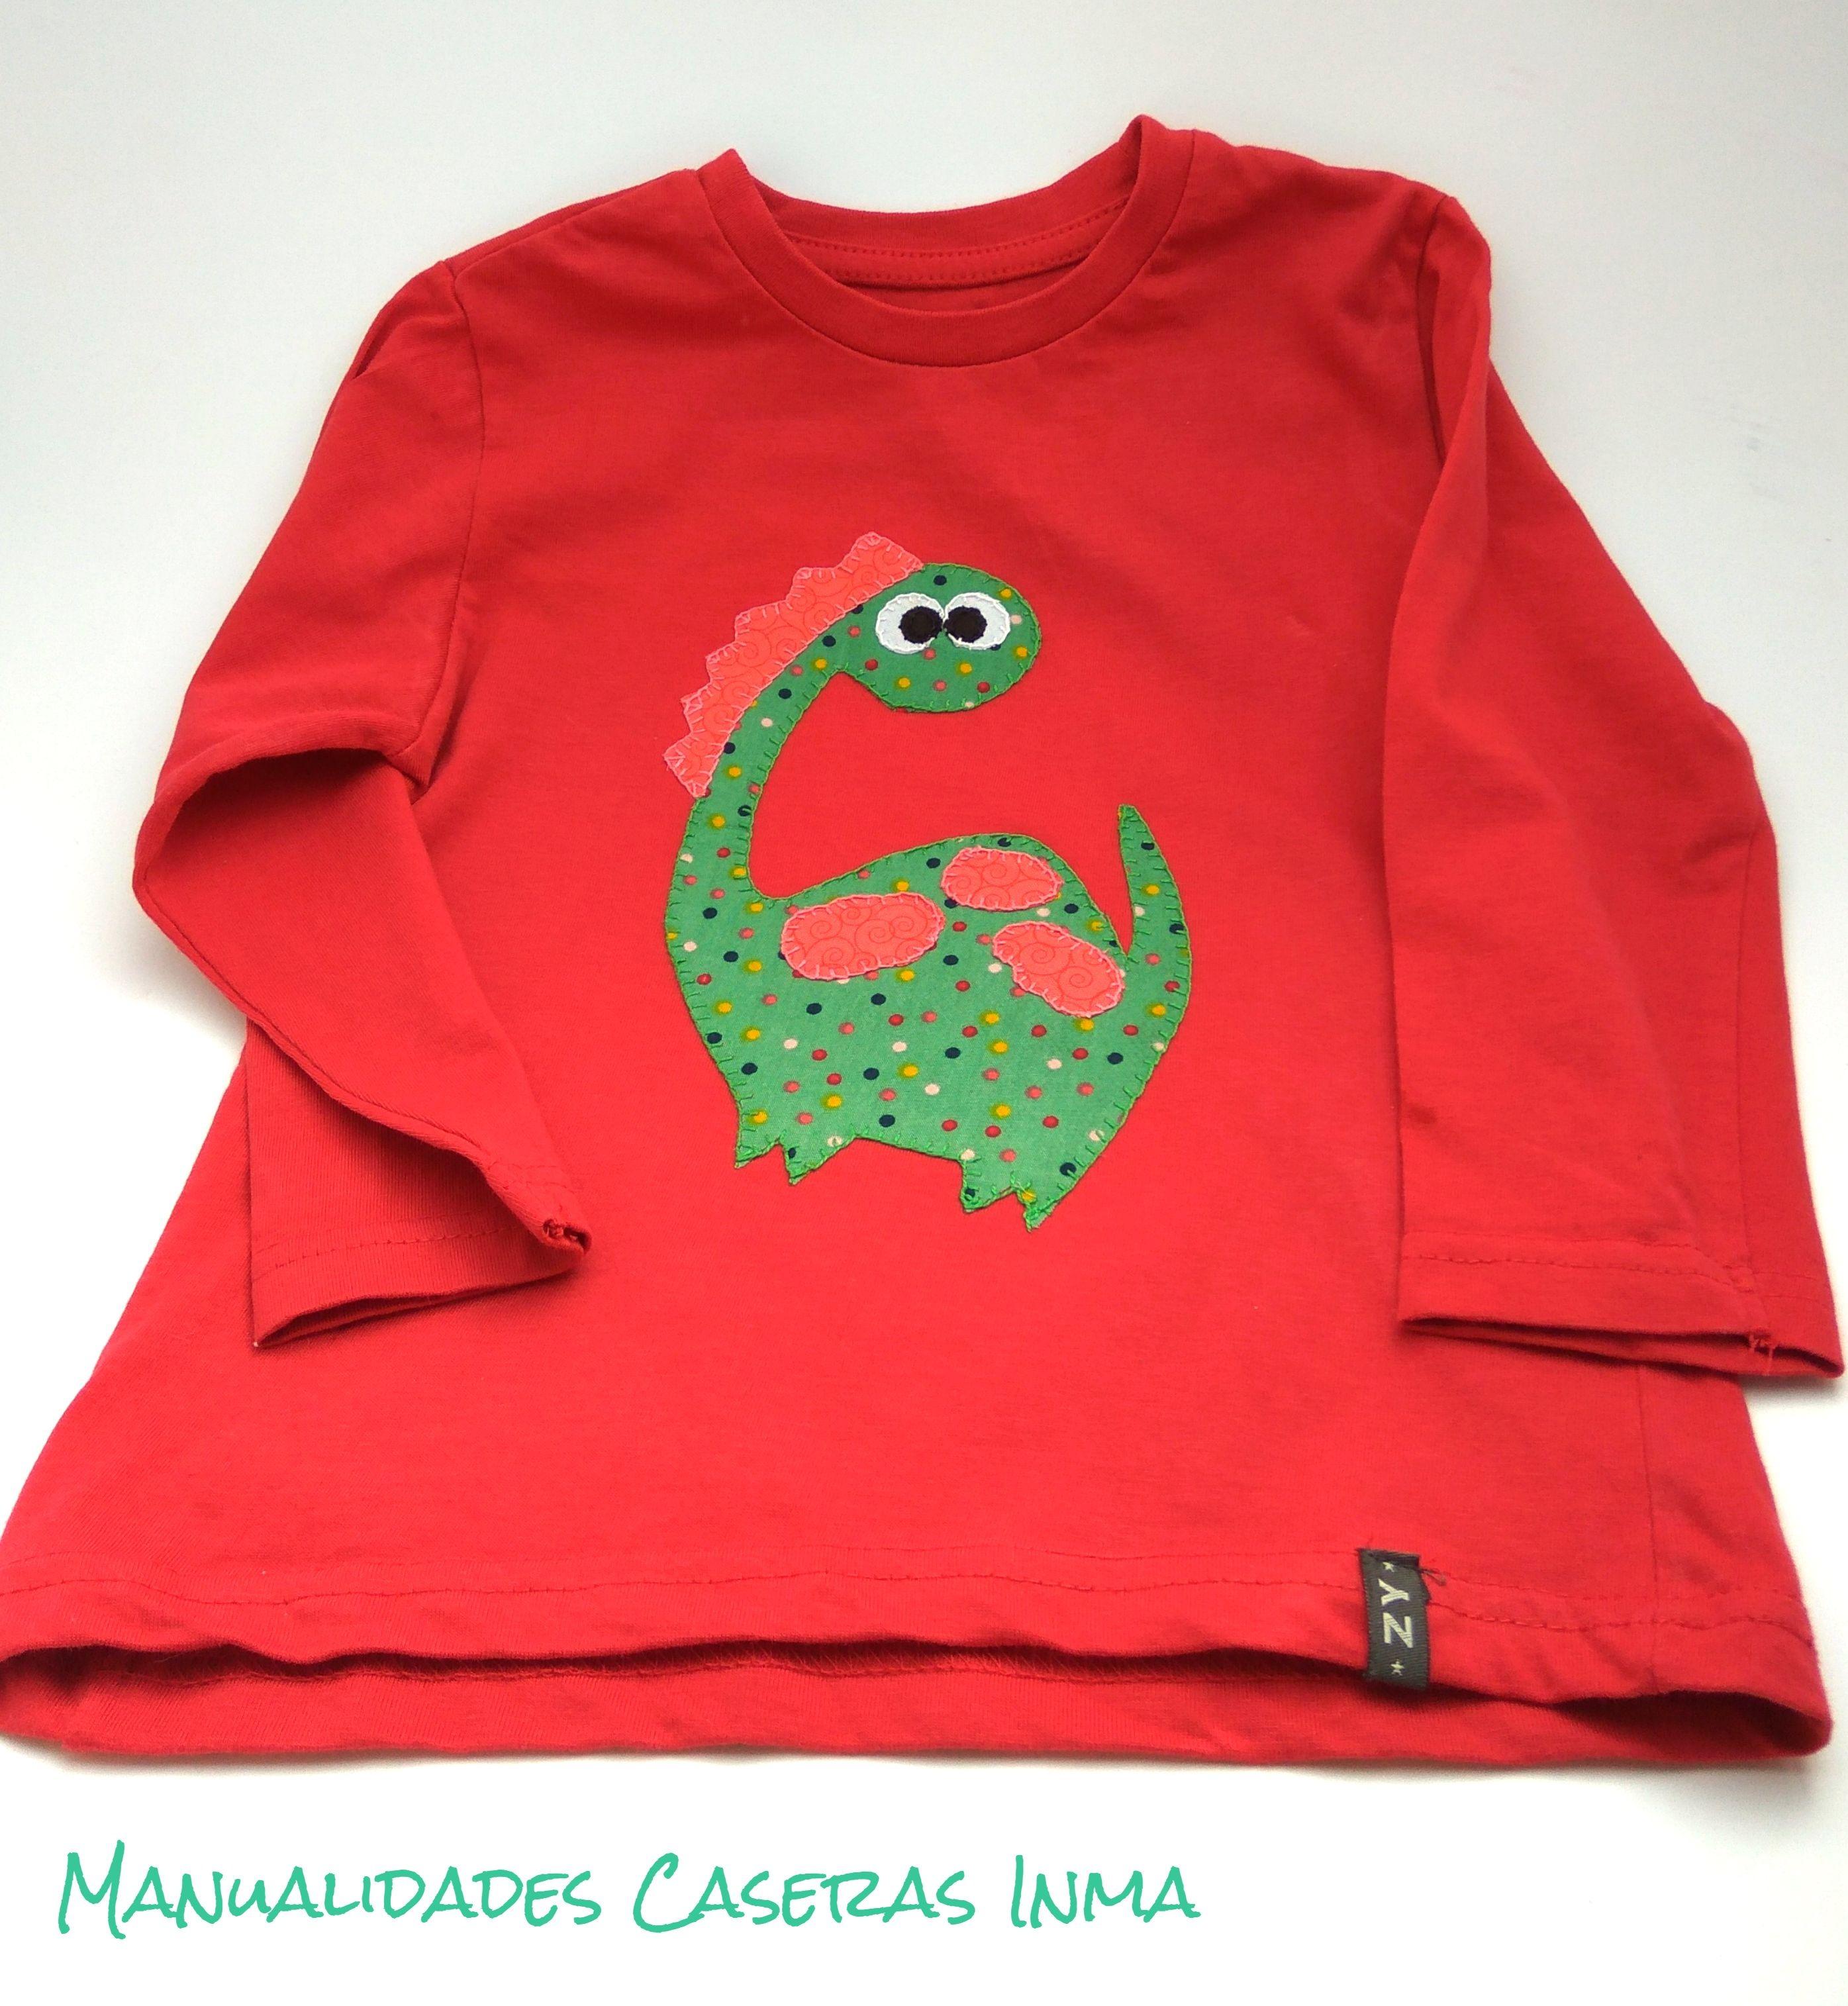 Manualidades Caseras Inma_ Camiseta dinosaurios roja